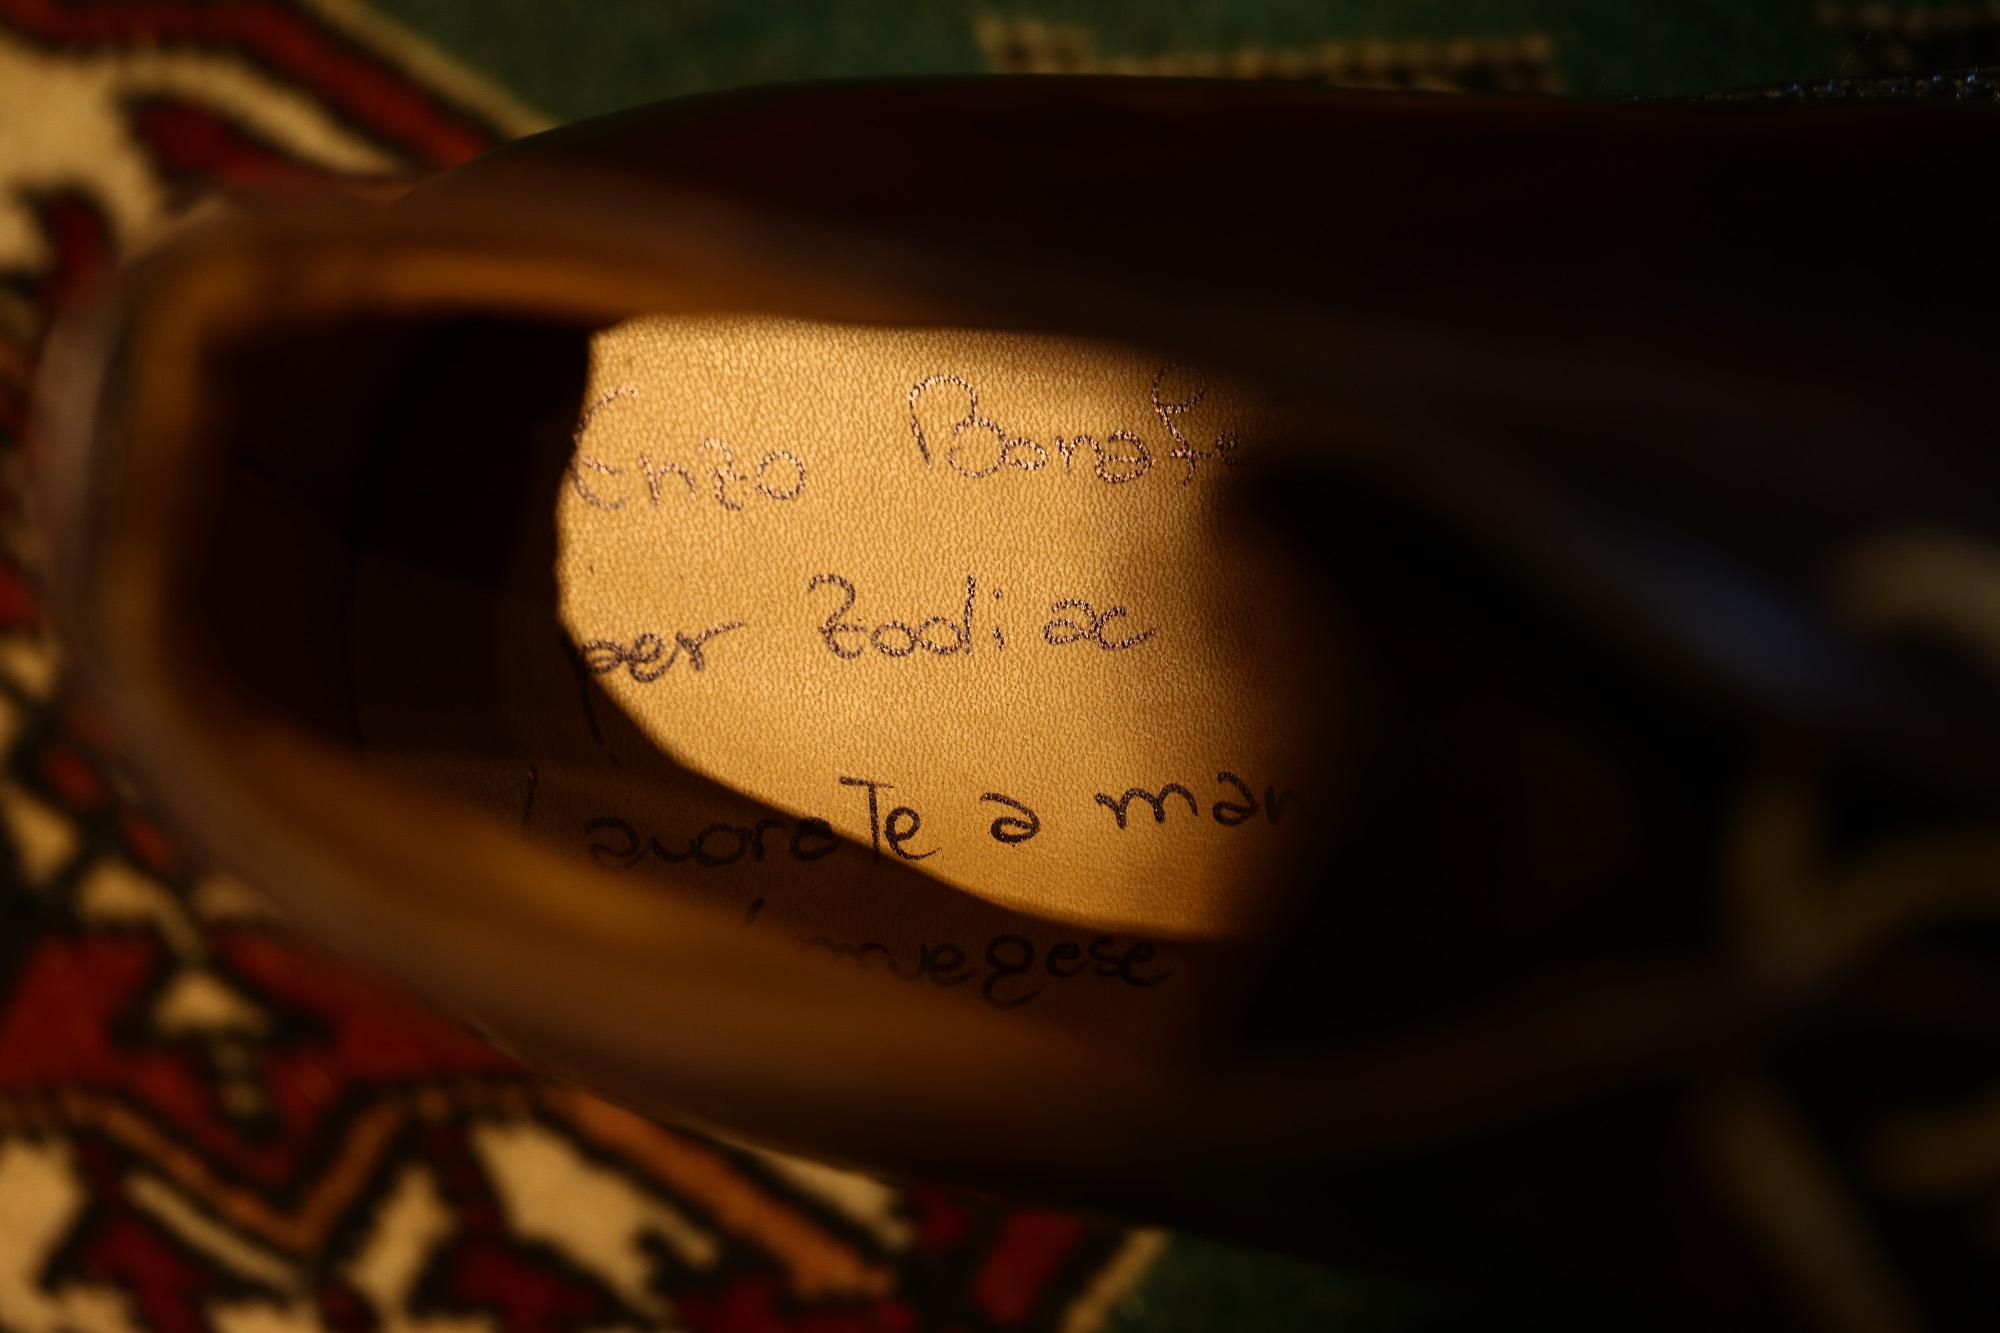 ENZO BONAFE (エンツォボナフェ) 【ART.3722】 Chukka boots チャッカブーツ Horween Shell Cordovan Leather ホーウィン社 シェルコードバンレザー ノルベジェーゼ製法 チャッカブーツ コードバンブーツ No.8(バーガンディー)  made in italy (イタリア製) 2017 秋冬新作 愛知 名古屋 ZODIAC ゾディアック エンツォボナフェ コードバン チャッカ 5.5,6,6.5,7,7.5,8,8.5,9,9.5